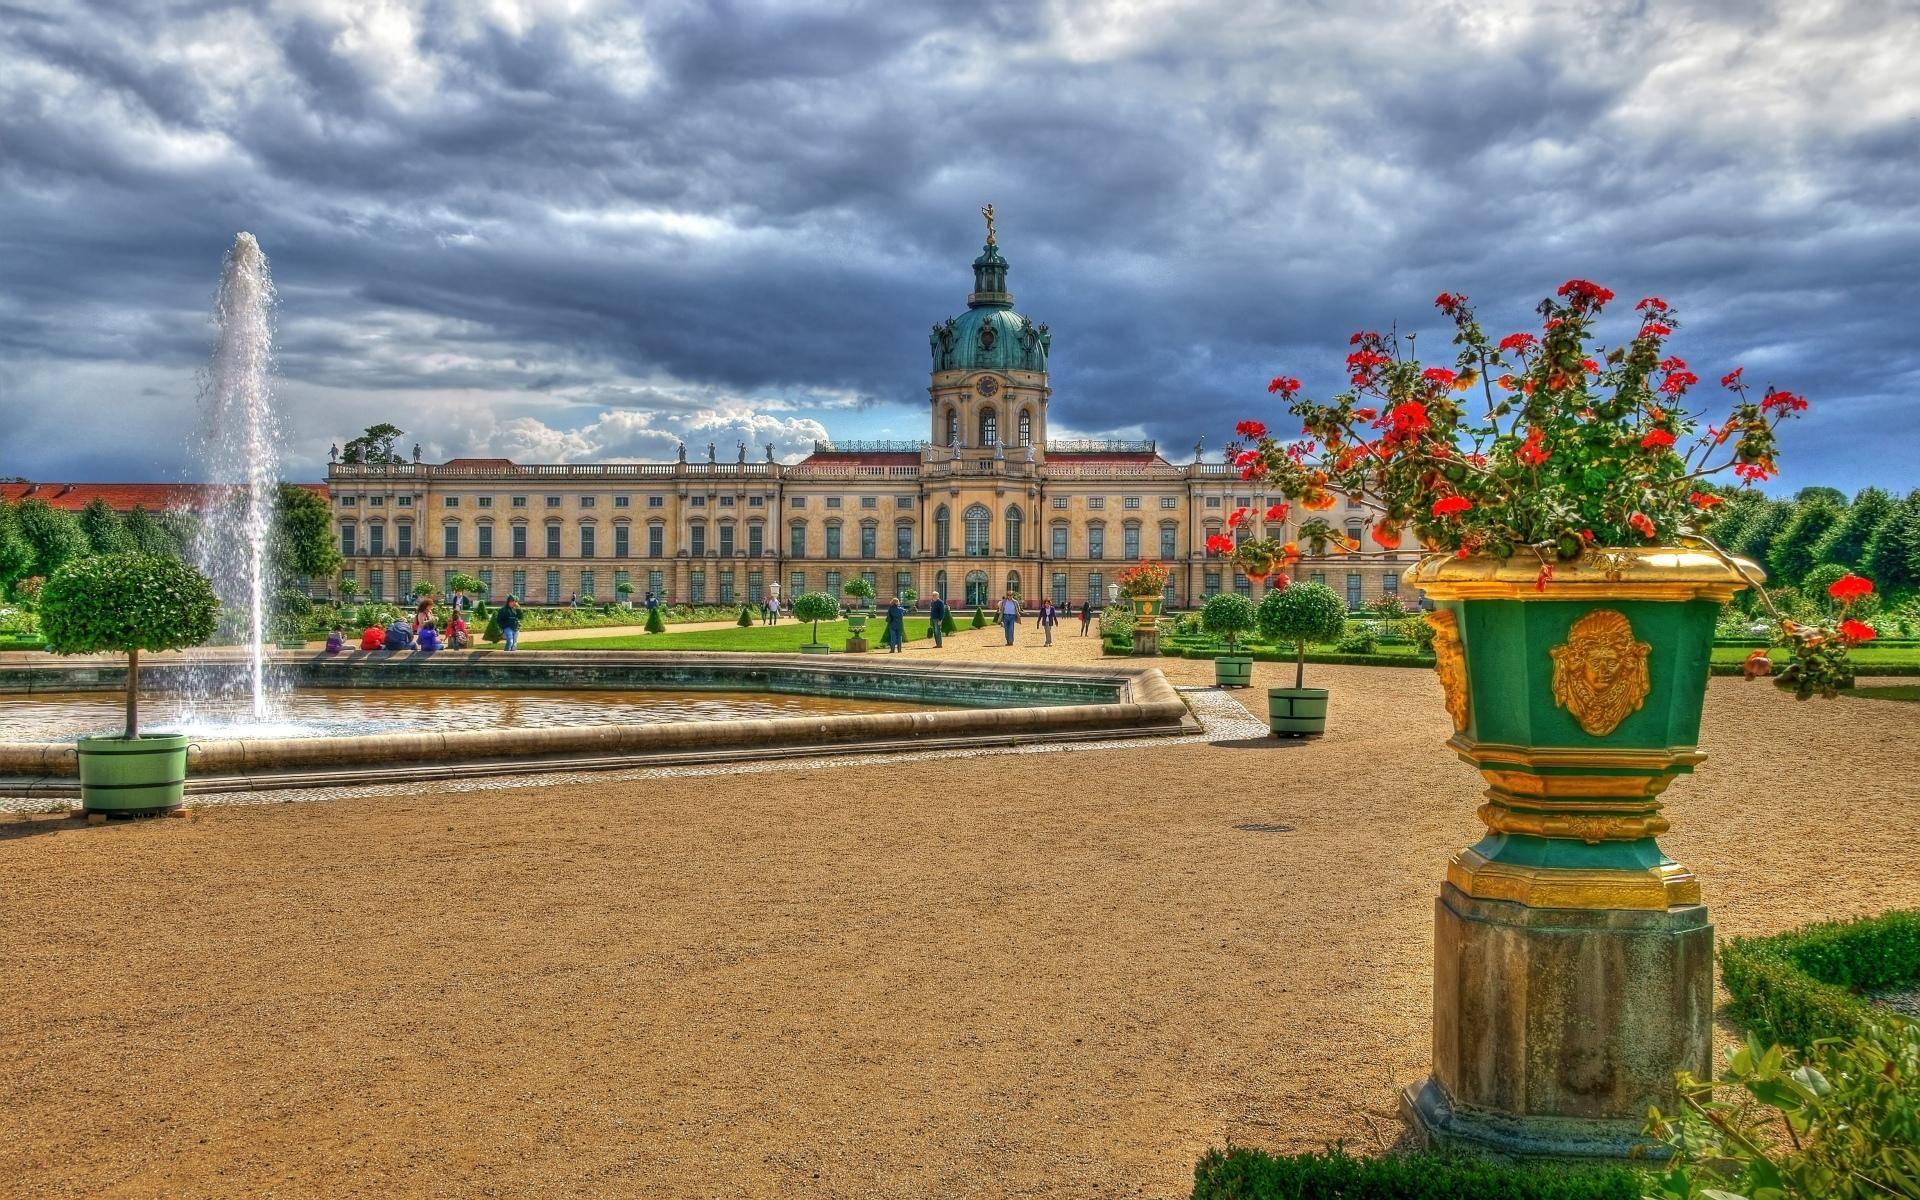 Замок шарлоттенбург в берлине: описание, история создания, как добраться